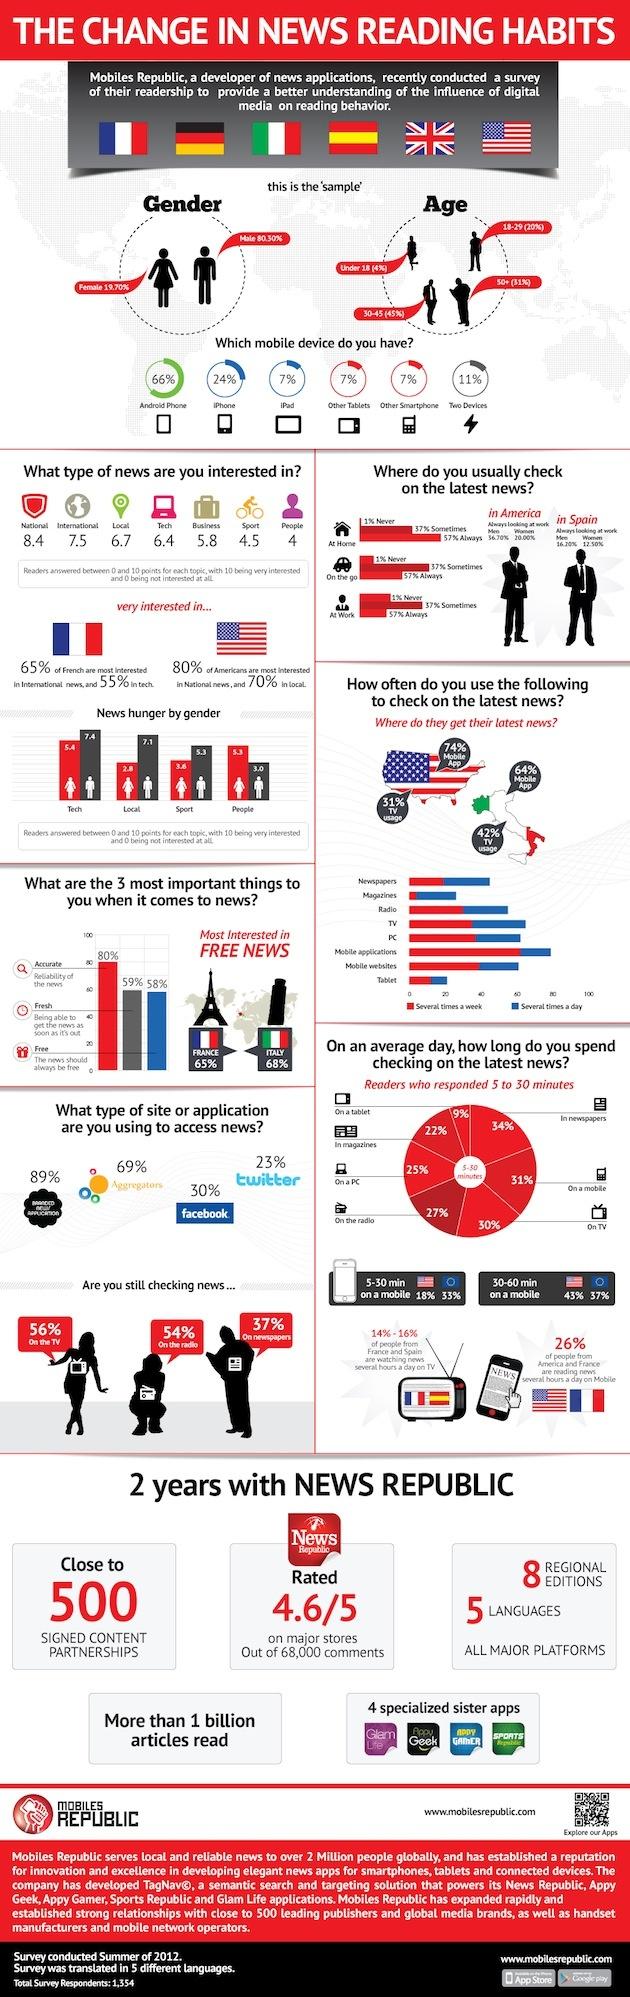 Los medios digitales cambian los hábitos de consumo de noticias #infografia #infographic #internet | TICs y Formación